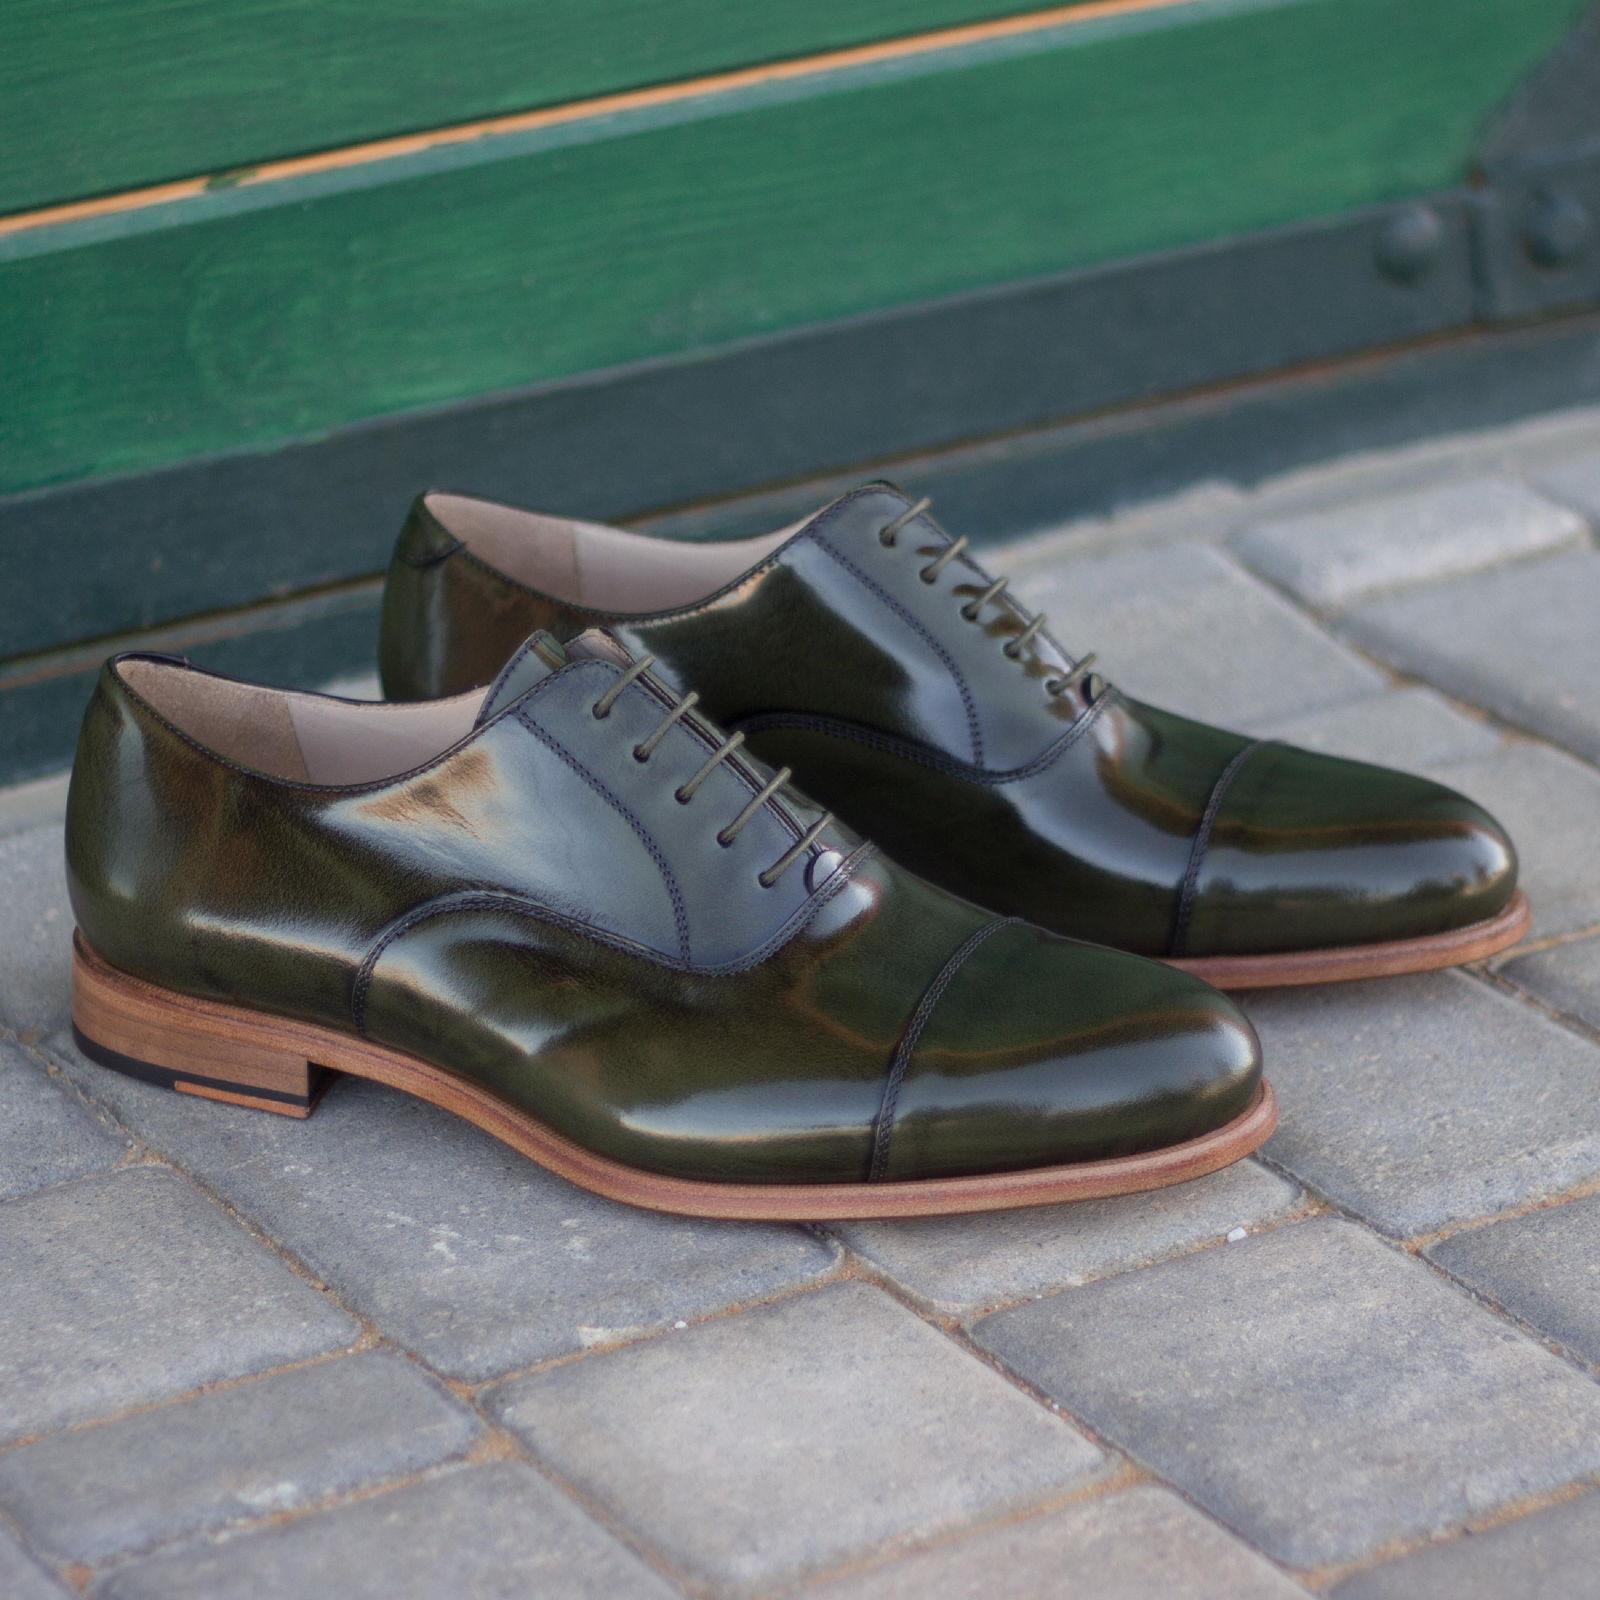 Des chaussures richelieu (Oxfords) avec ou sans talon pour homme et femme, la différence avec les brogues! Les conseils de Maison Le Duc